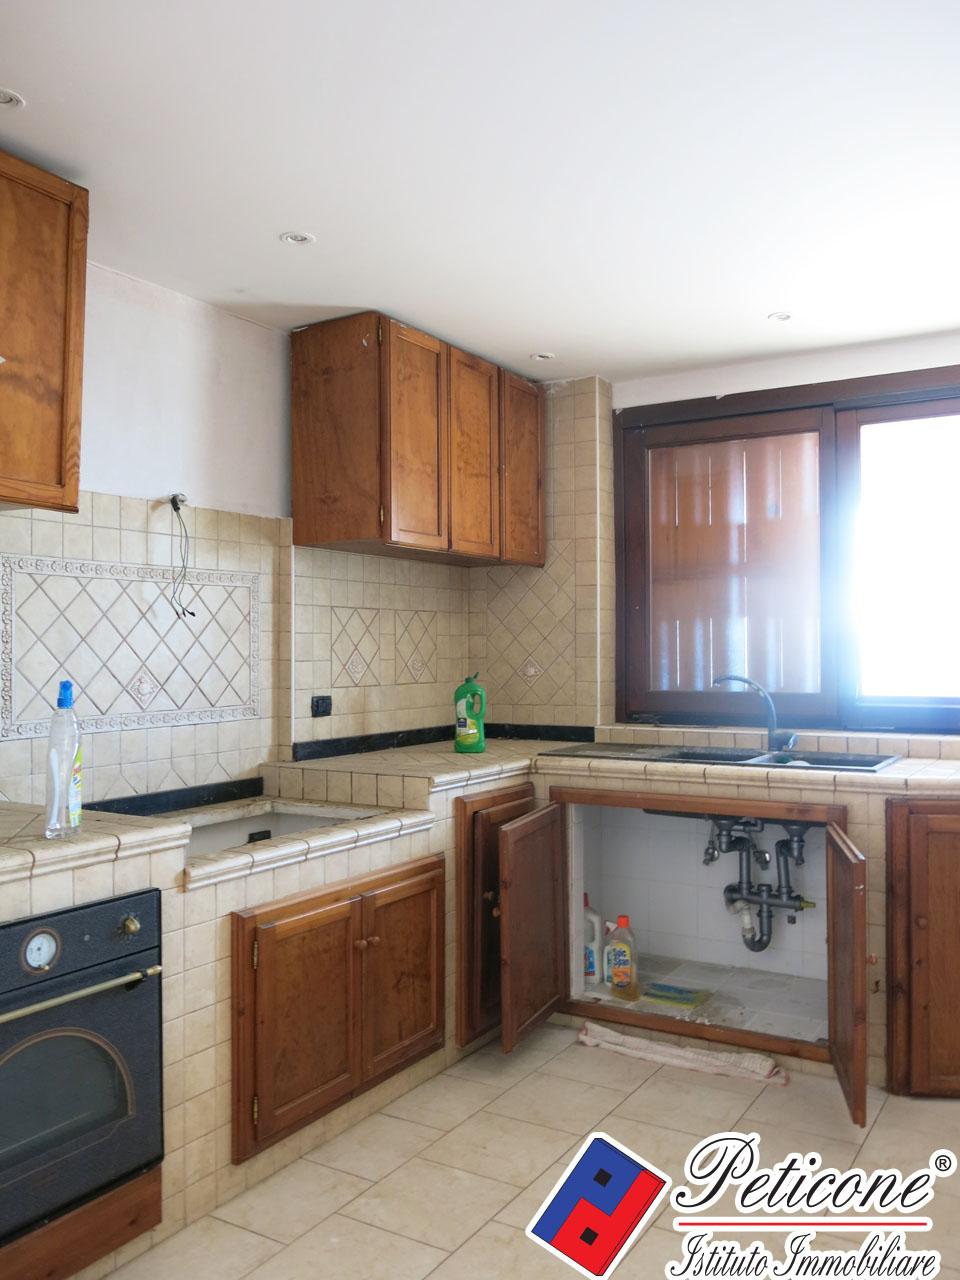 Villa in Vendita a Formia: 4 locali, 90 mq - Foto 23